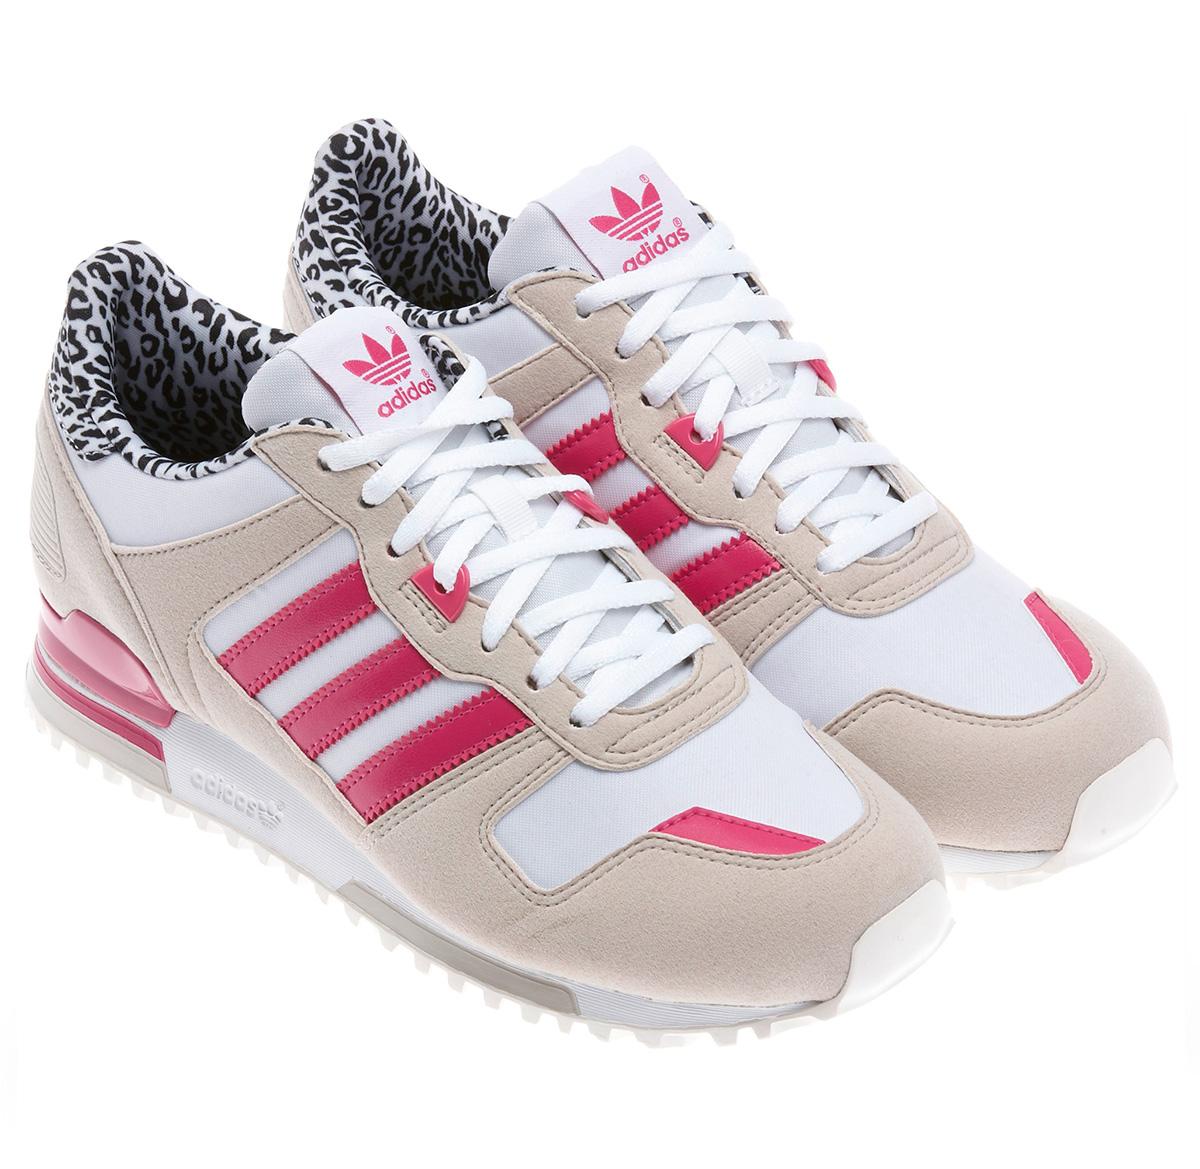 adidas sko danmark